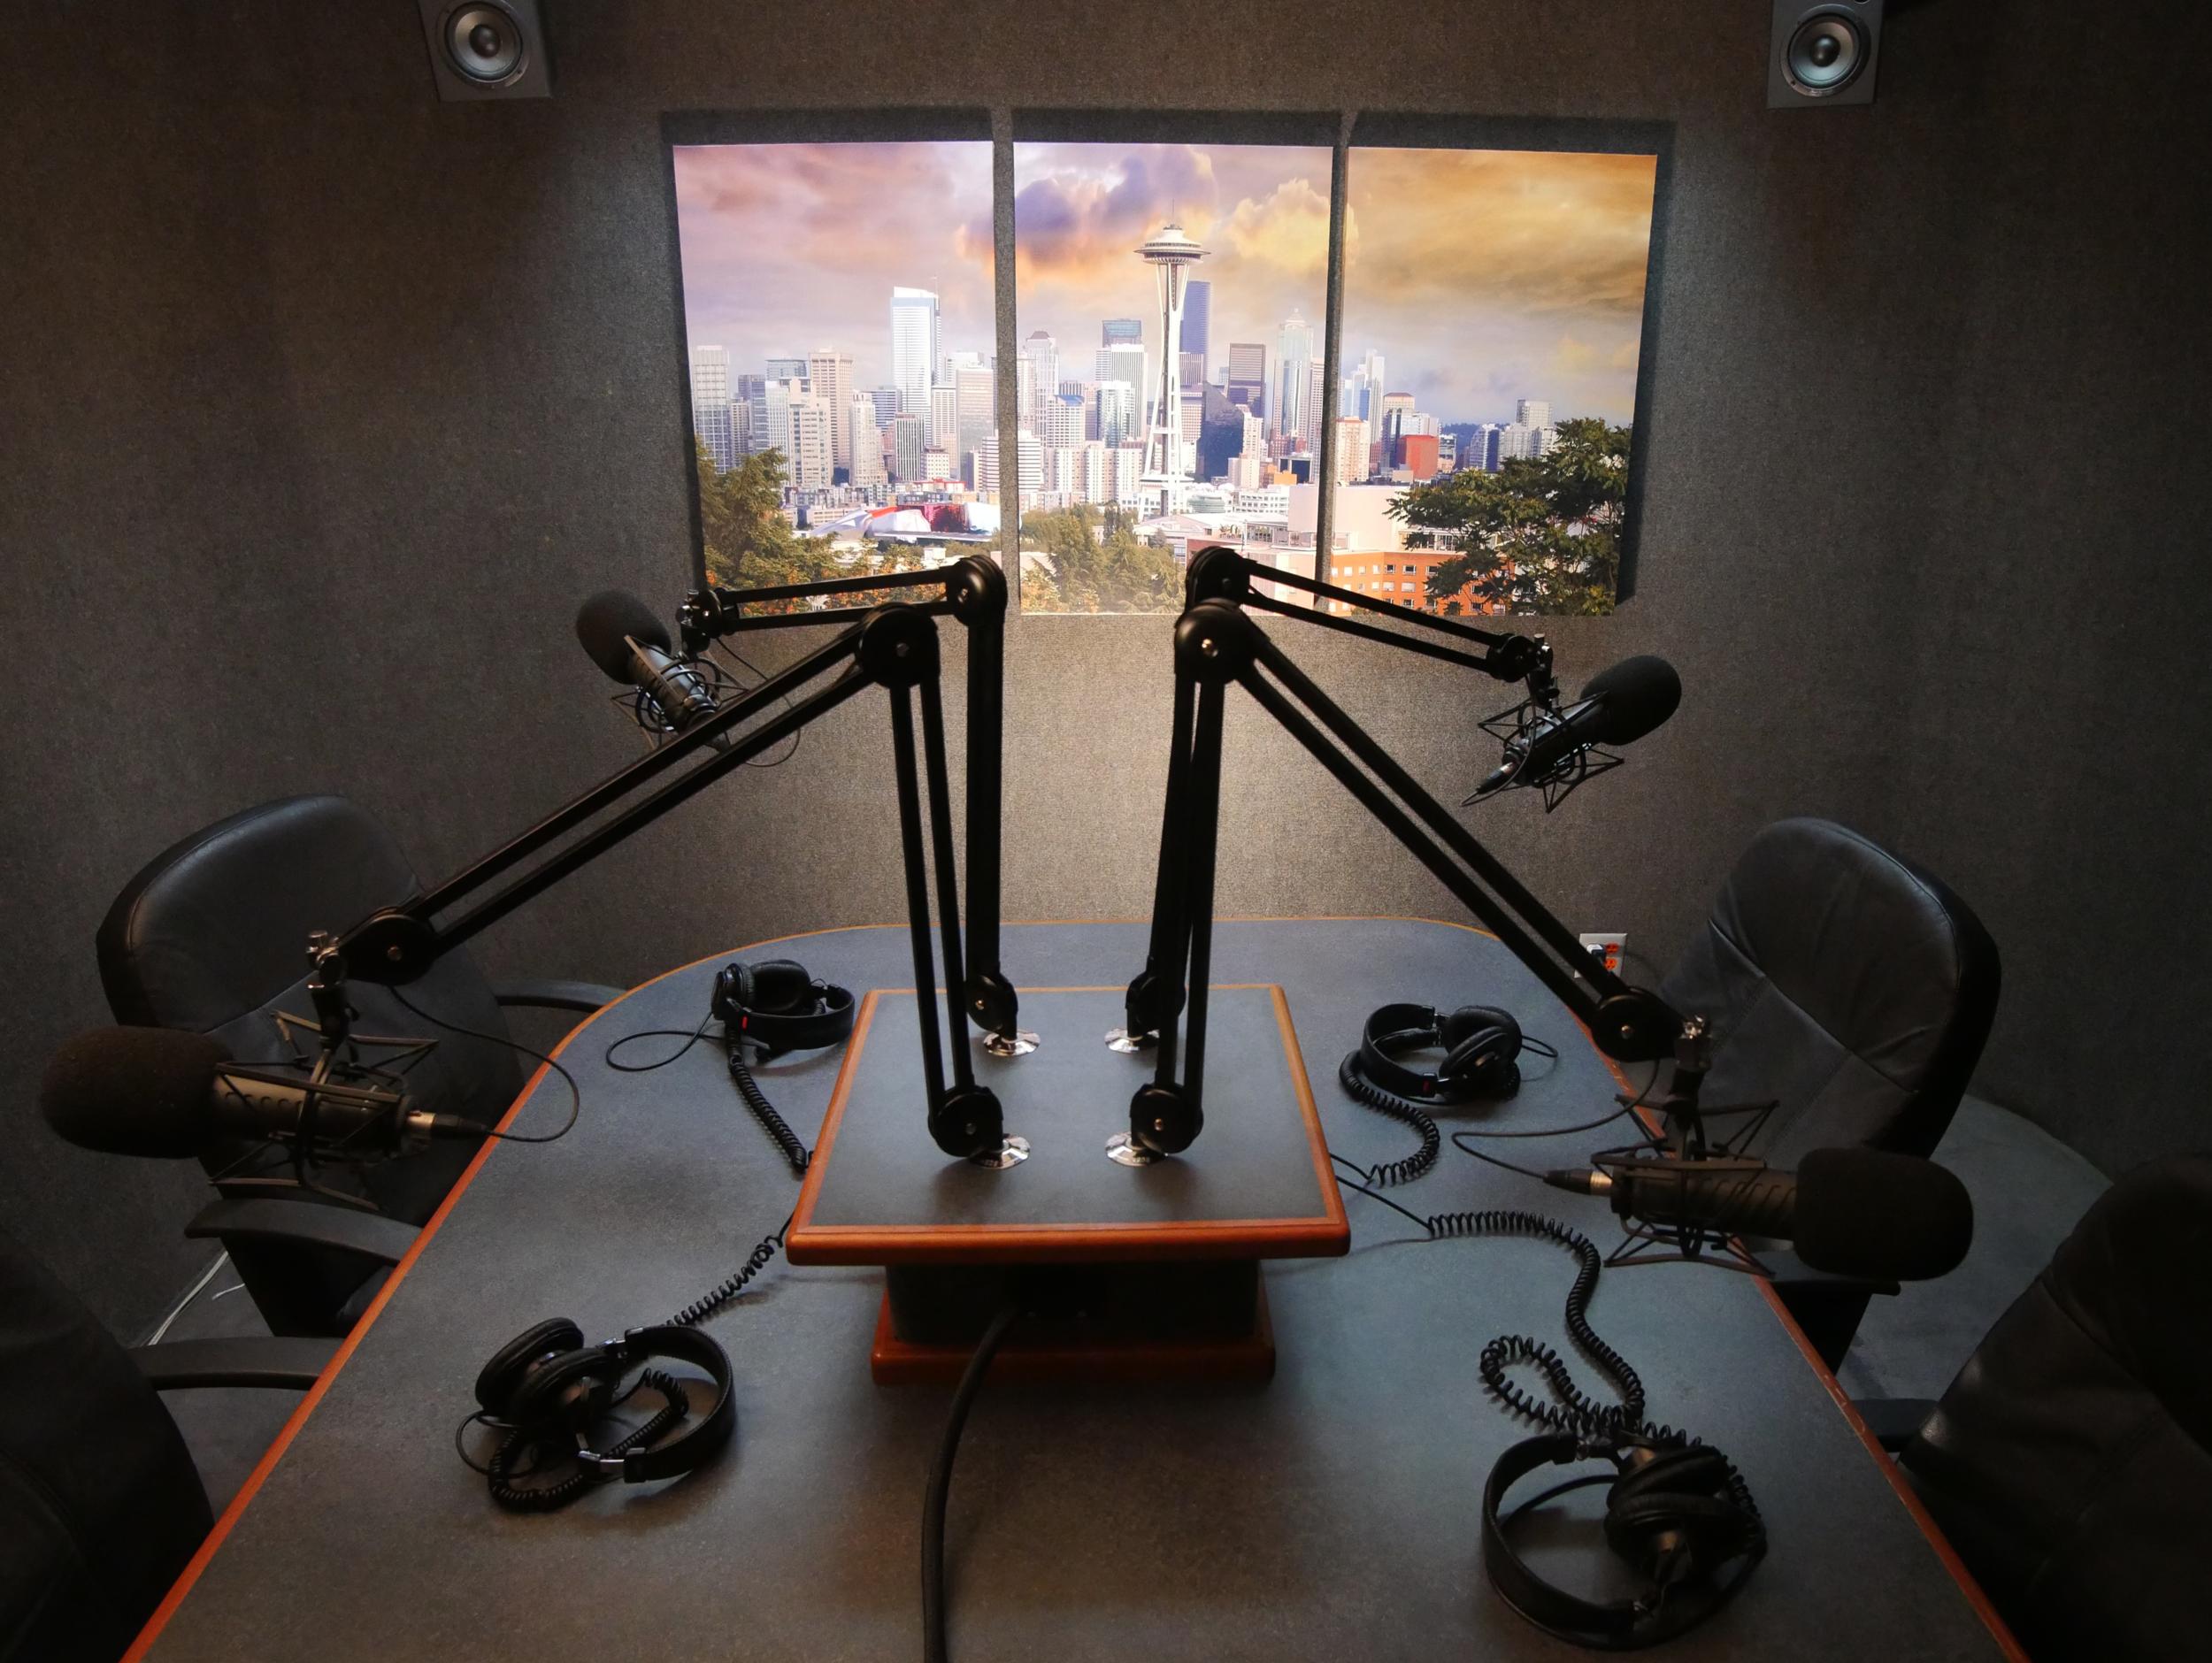 podcastroom4lit1440.png